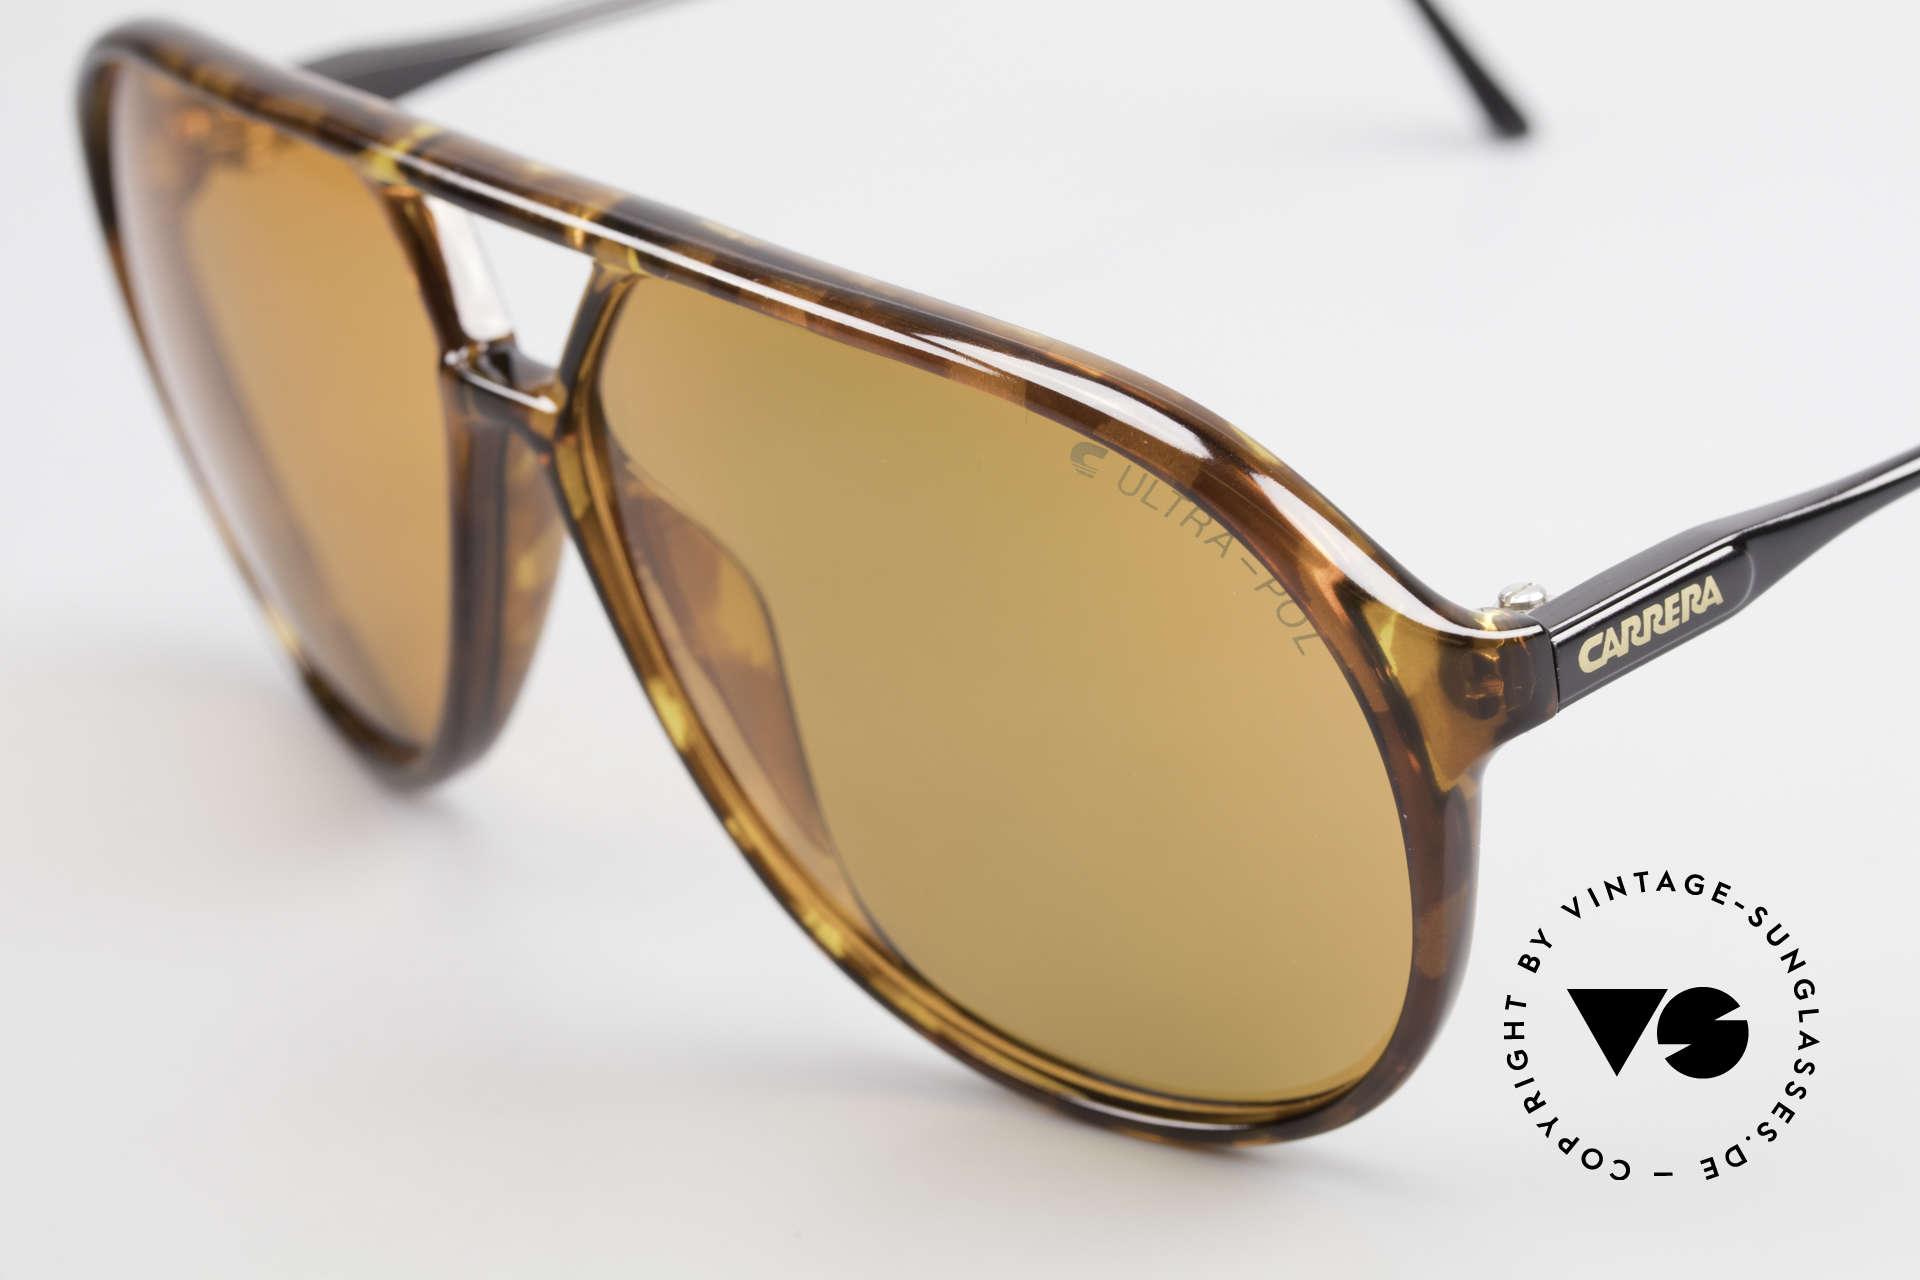 Carrera 5425 Sonnenbrille Polarisierend 80s, 2 Paar Gläser: 1x grün Verlauf C-Vision & 1x ULTRA-POL, Passend für Herren